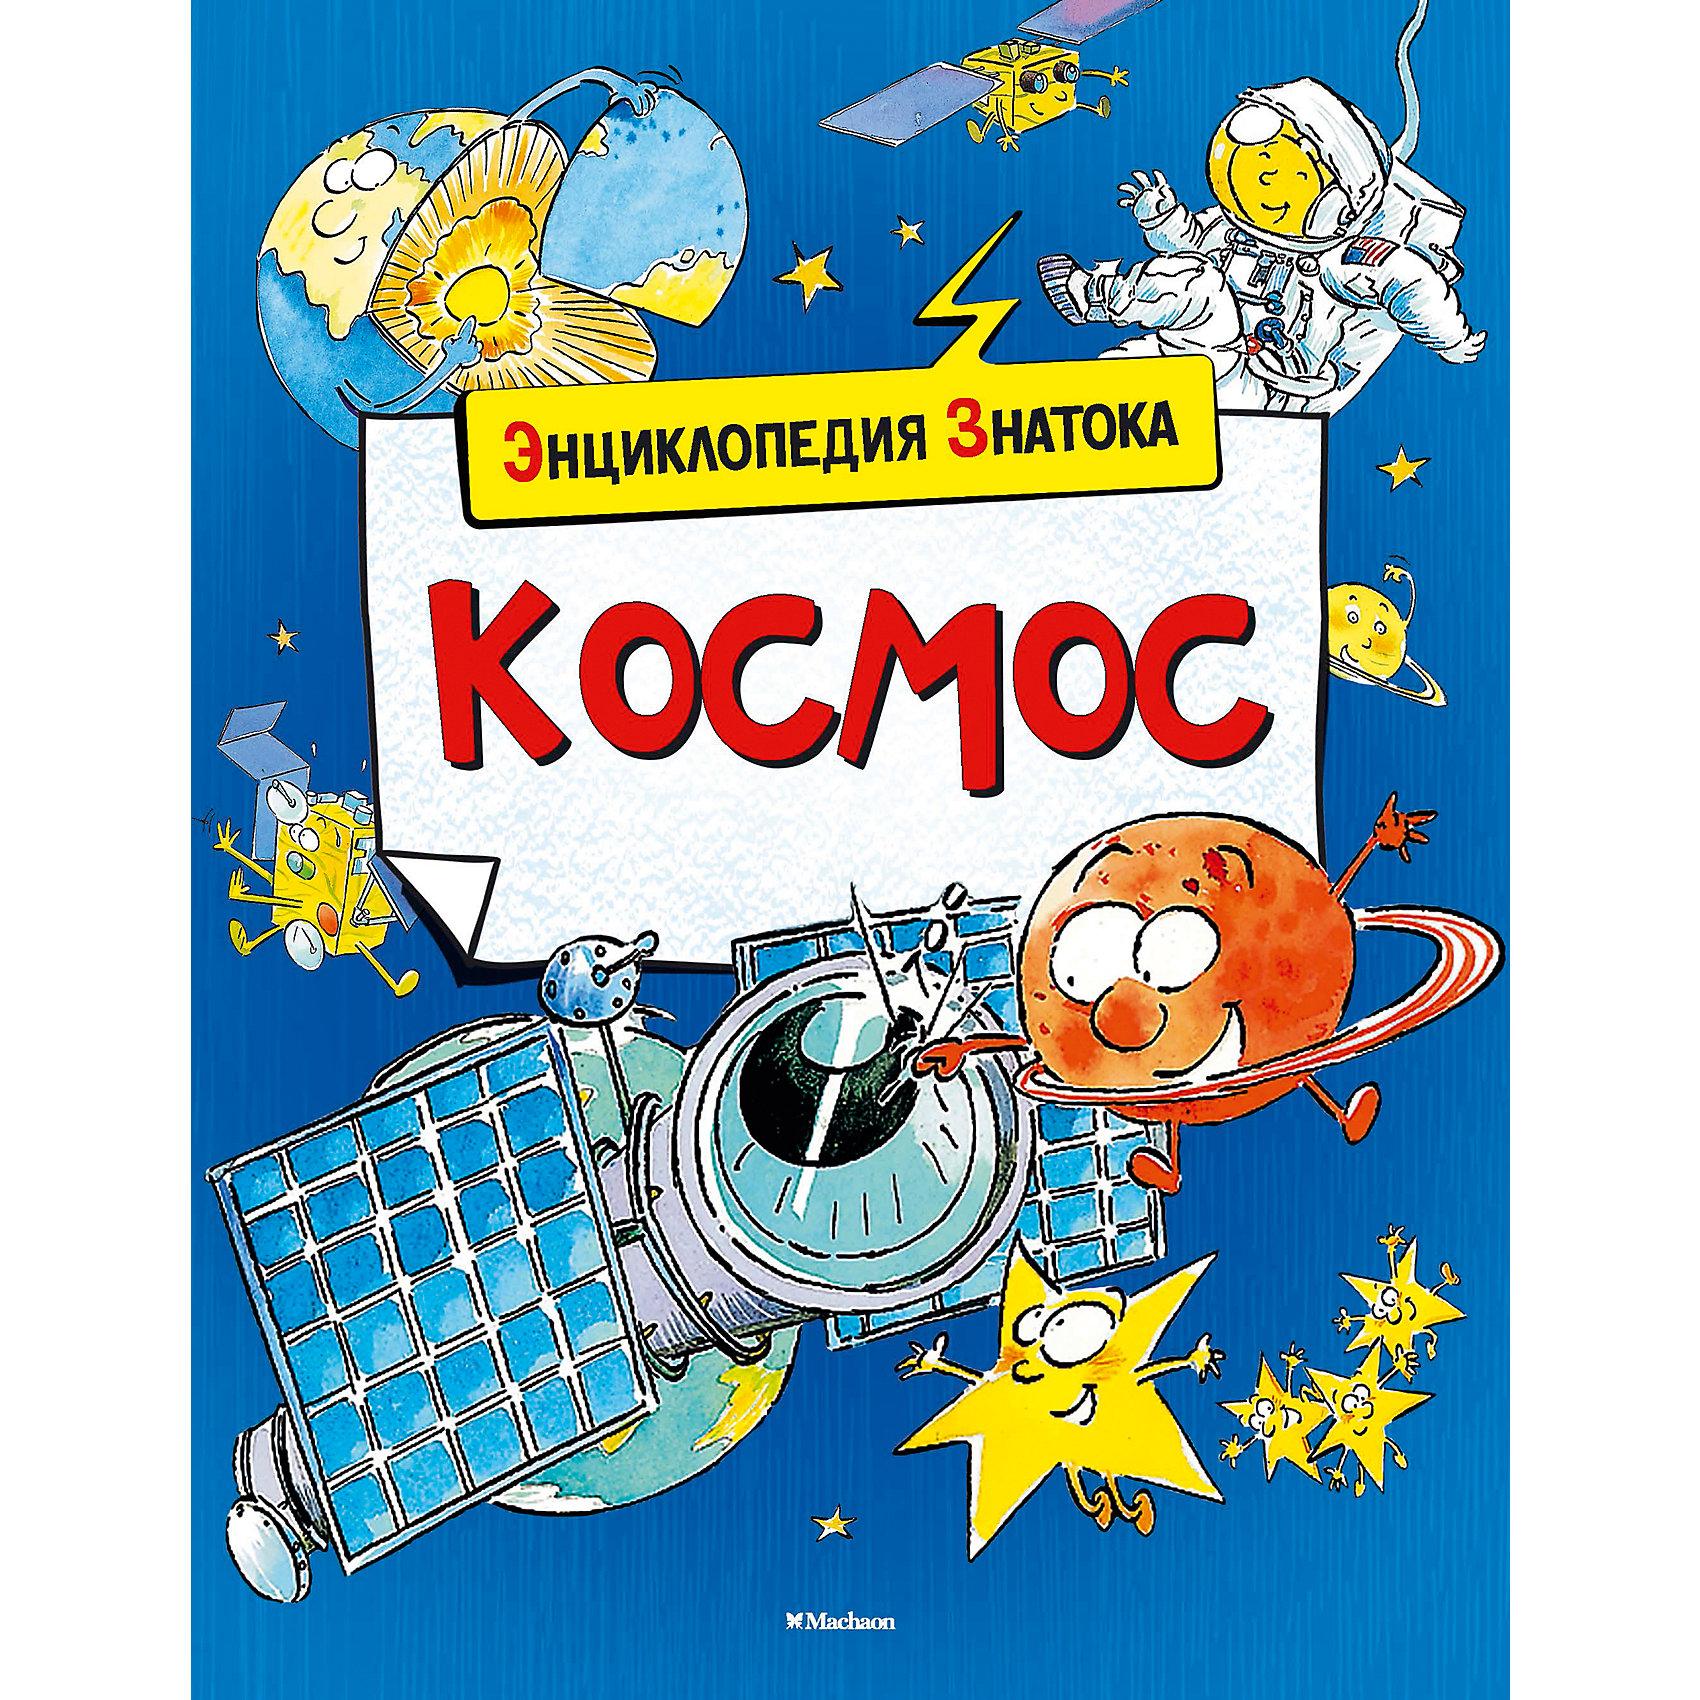 Энциклопедия знатока КосмосЭнциклопедии<br>Как возникла Вселенная?<br>Где находится самый большой вулкан<br>Солнечной системы?<br>Почему нельзя жить на Марсе?<br>Зачем на Луну прилетел геолог?<br>Как хранят продукты в космосе?<br>В энциклопедии «Космос» есть ответы на эти и другие неожиданные вопросы. Прочти эту книгу, и ты узнаешь о том, как устроена Вселенная и наша планета, о том, что такое Солнечная система и сколько ей лет, какова скорость света, что такое черные дыры, познакомишься с наиболее яркими достижениями мировой космонавтики и основными этапами ее развития. Любопытные факты, интересные фотографии и остроумные рисунки помогут заглянуть в таинственный мир космоса даже без телескопа.<br>Страниц: 128<br>Формат: 180х220<br>Переплет: Переплет<br><br>Ширина мм: 255<br>Глубина мм: 190<br>Высота мм: 13<br>Вес г: 366<br>Возраст от месяцев: 84<br>Возраст до месяцев: 144<br>Пол: Унисекс<br>Возраст: Детский<br>SKU: 2411777